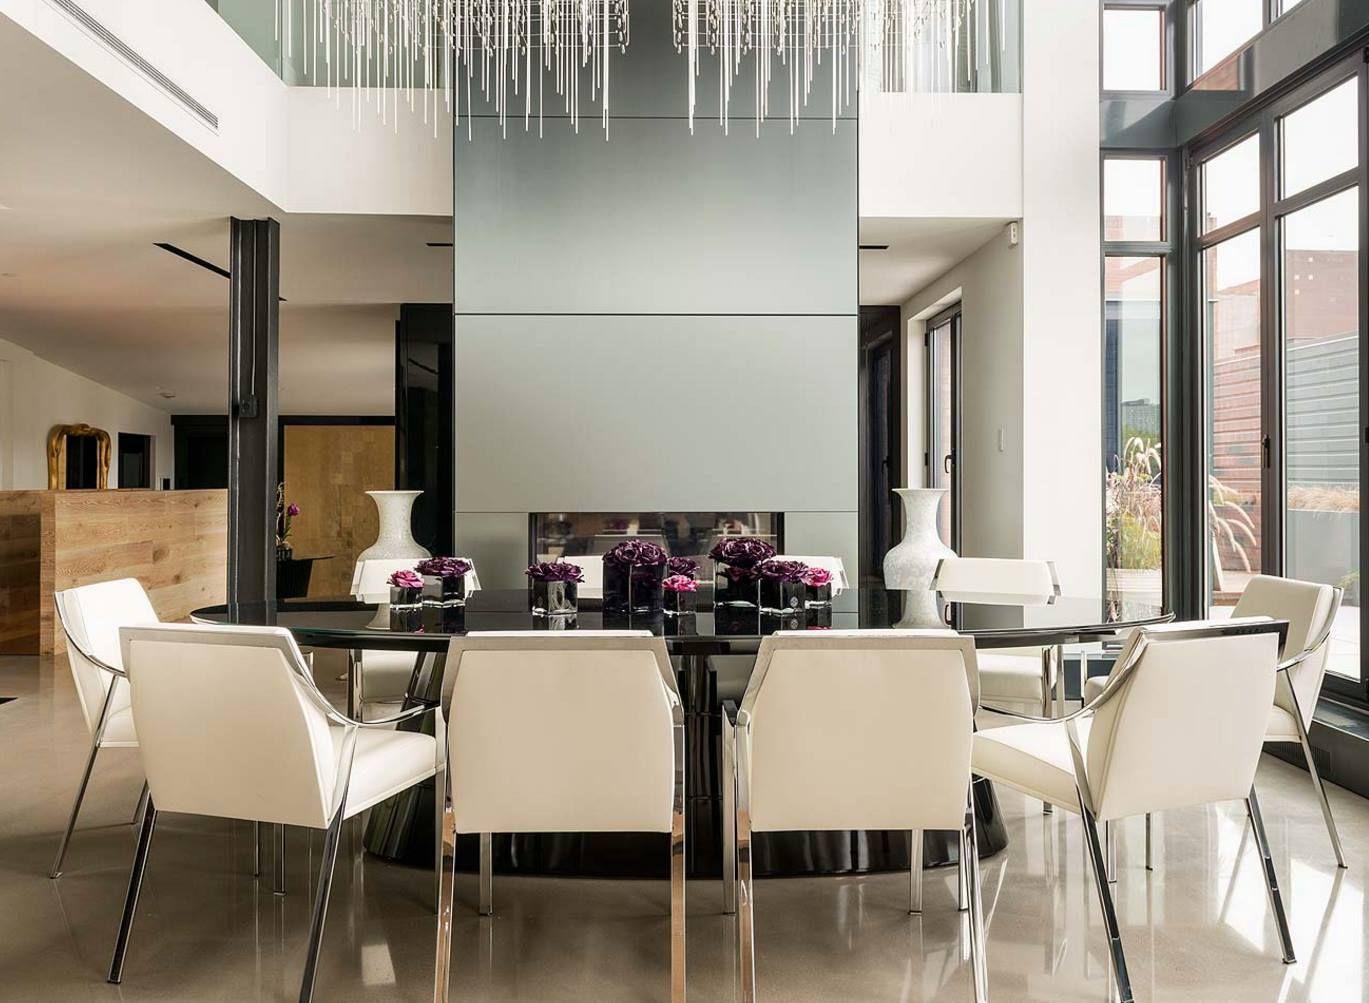 ... Skandinavische Inneneinrichtung, Luxushäuser, Hohen Decken,  Schlafzimmer Einrichtung, Ovaler Tisch, Esszimmer, Moderner Esstisch,  Kronleuchter